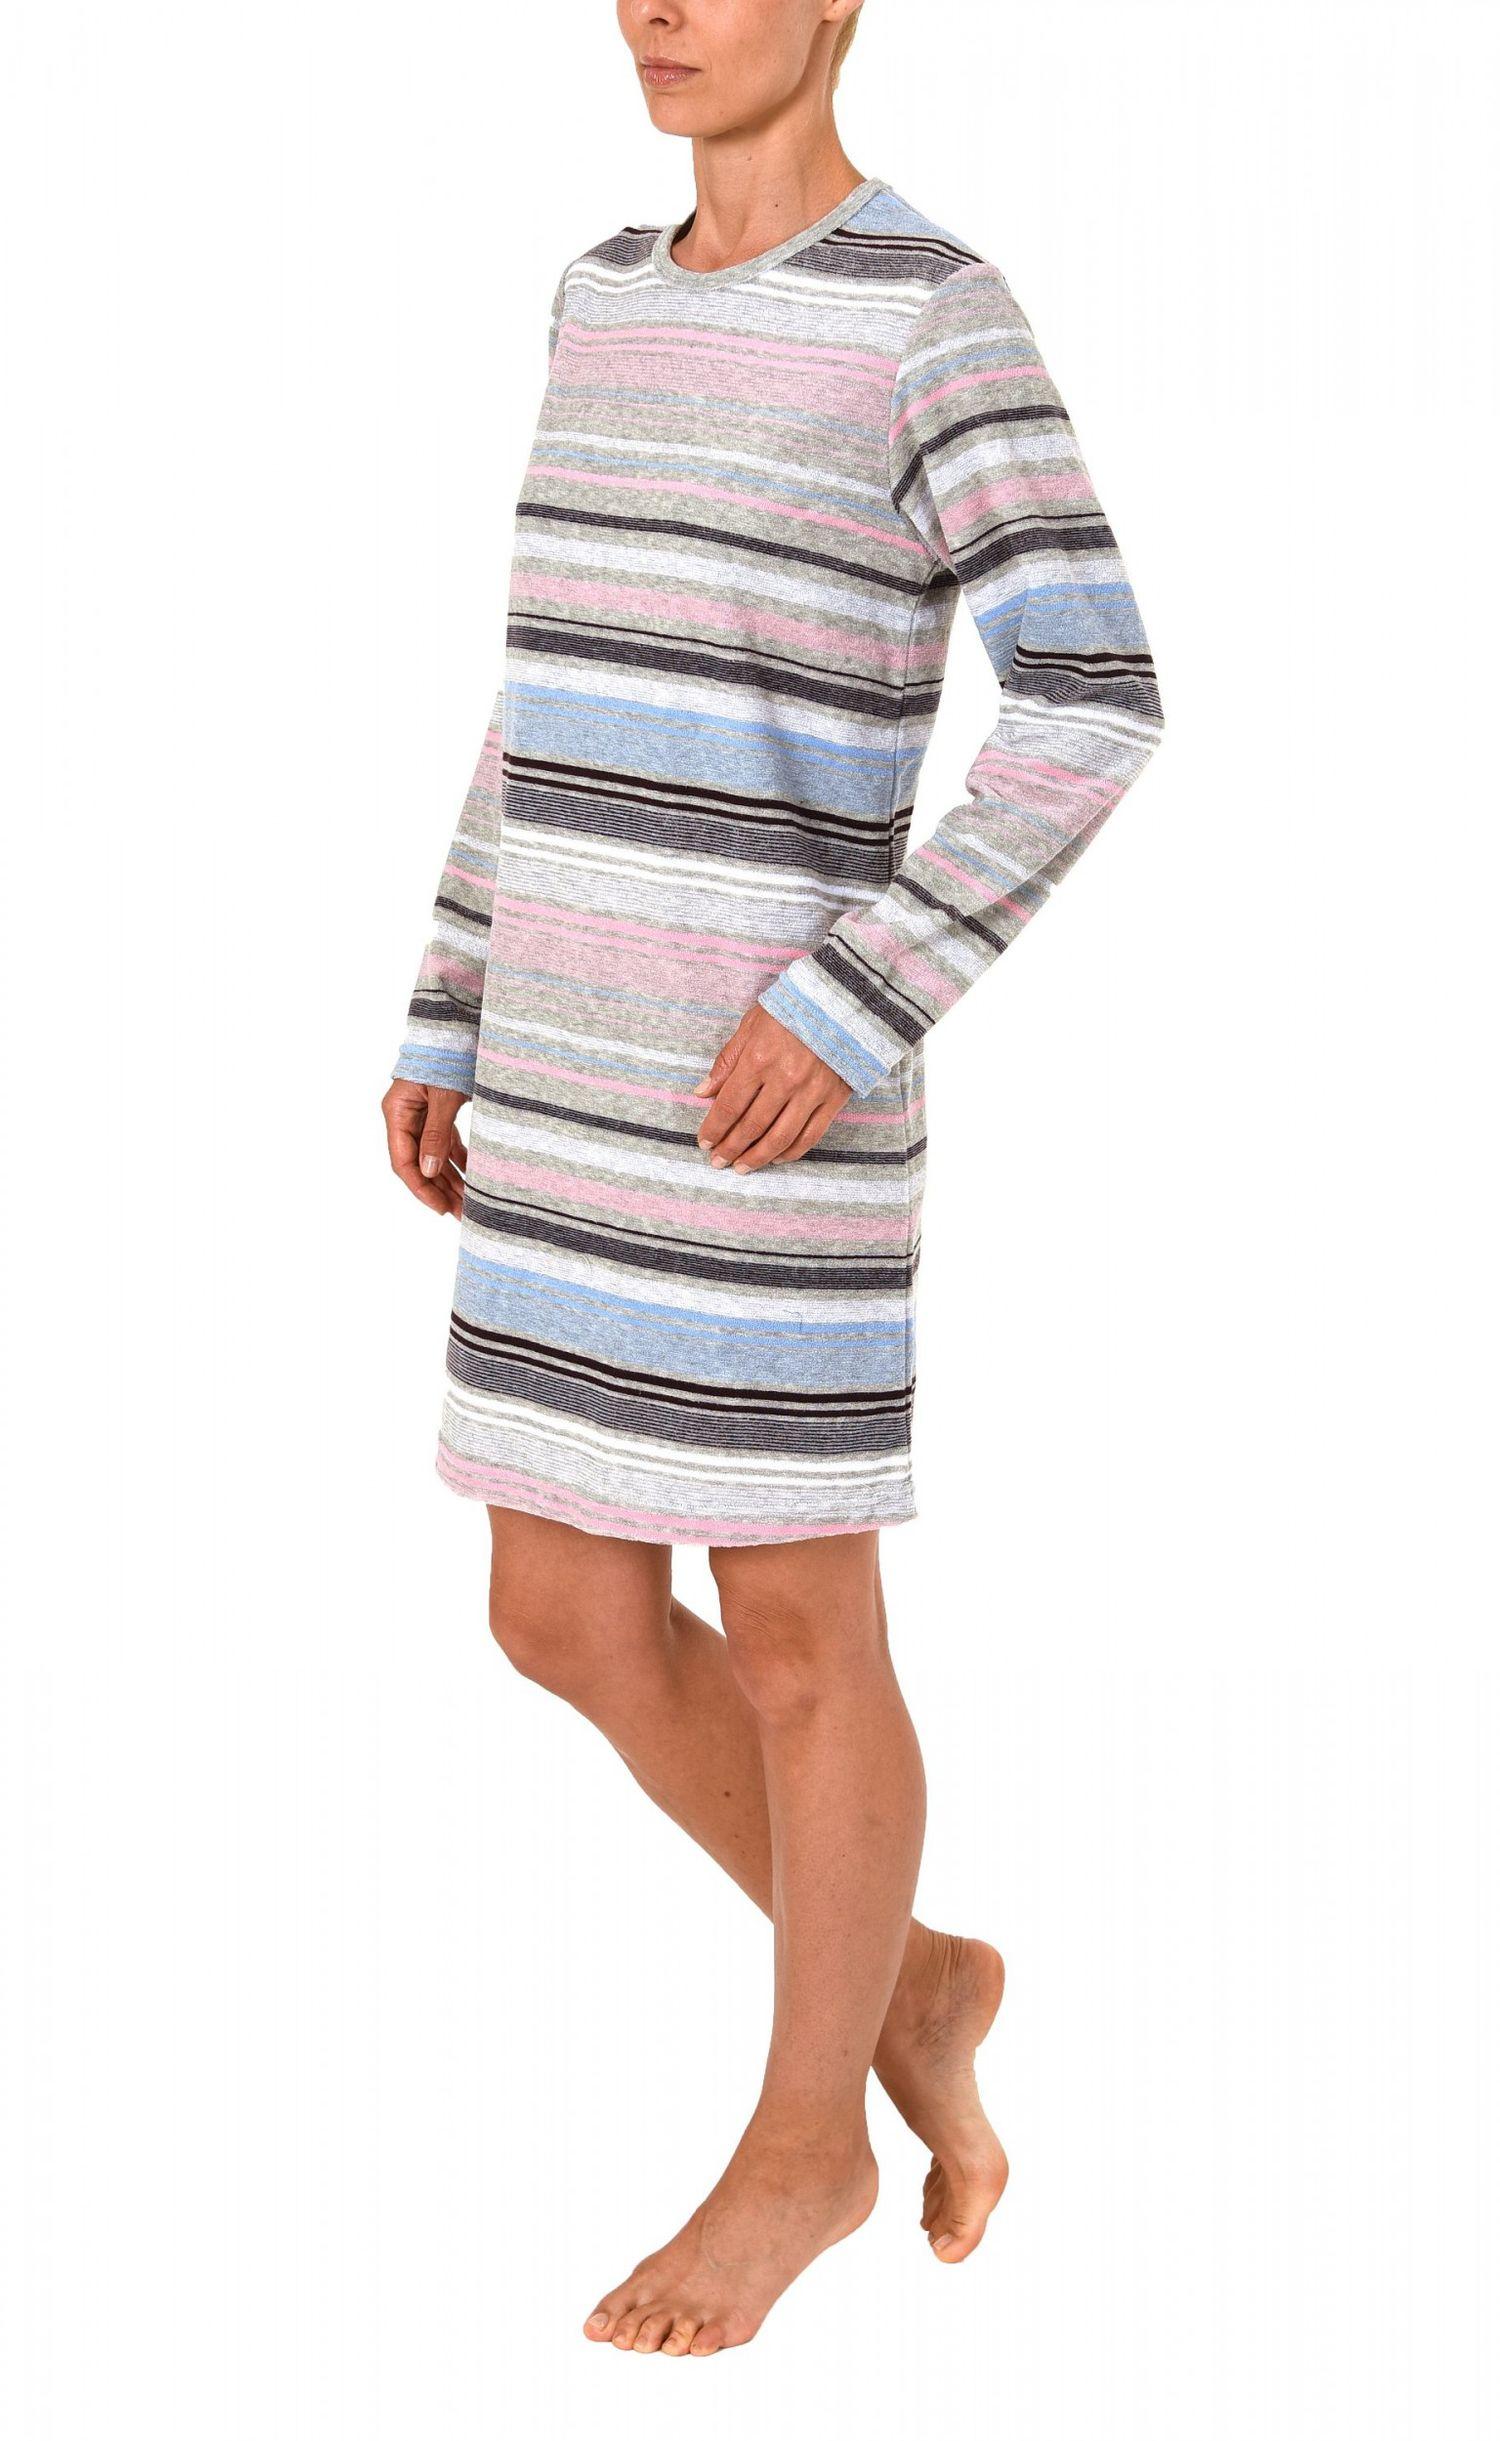 Damen Frottee Nachthemd langarm in Streifenoptik – auch in Übergrössen – 271 213 93 145 – Bild 3